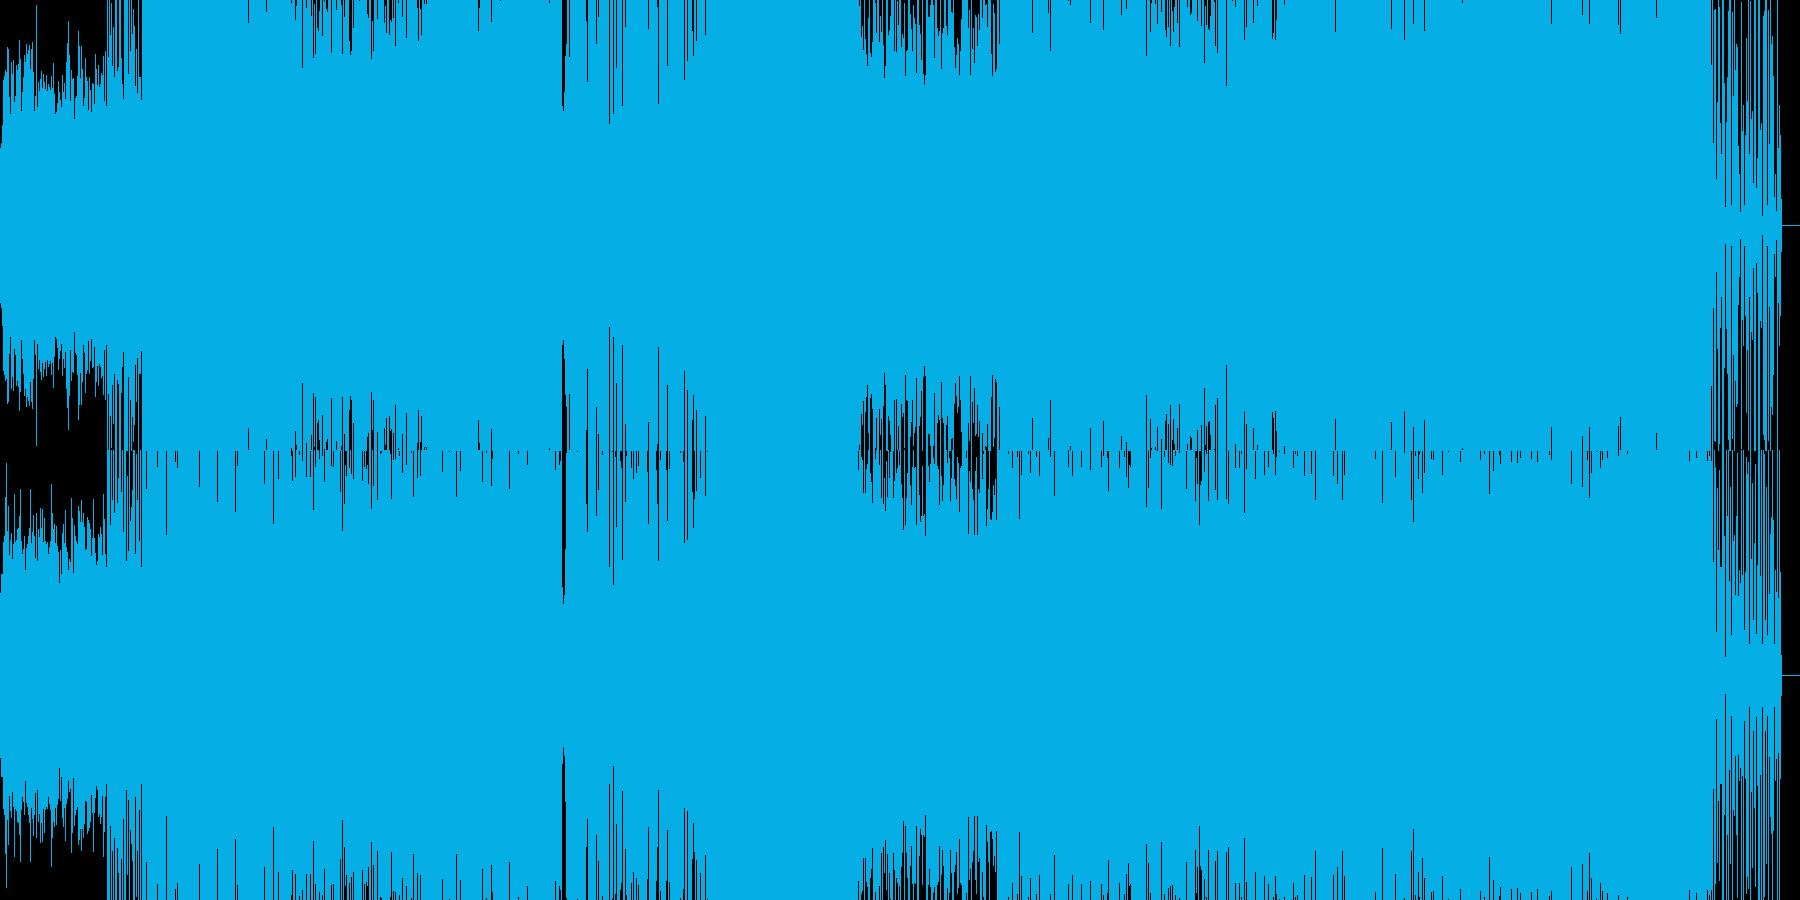 ミディアムテンポのラップ風楽曲の再生済みの波形